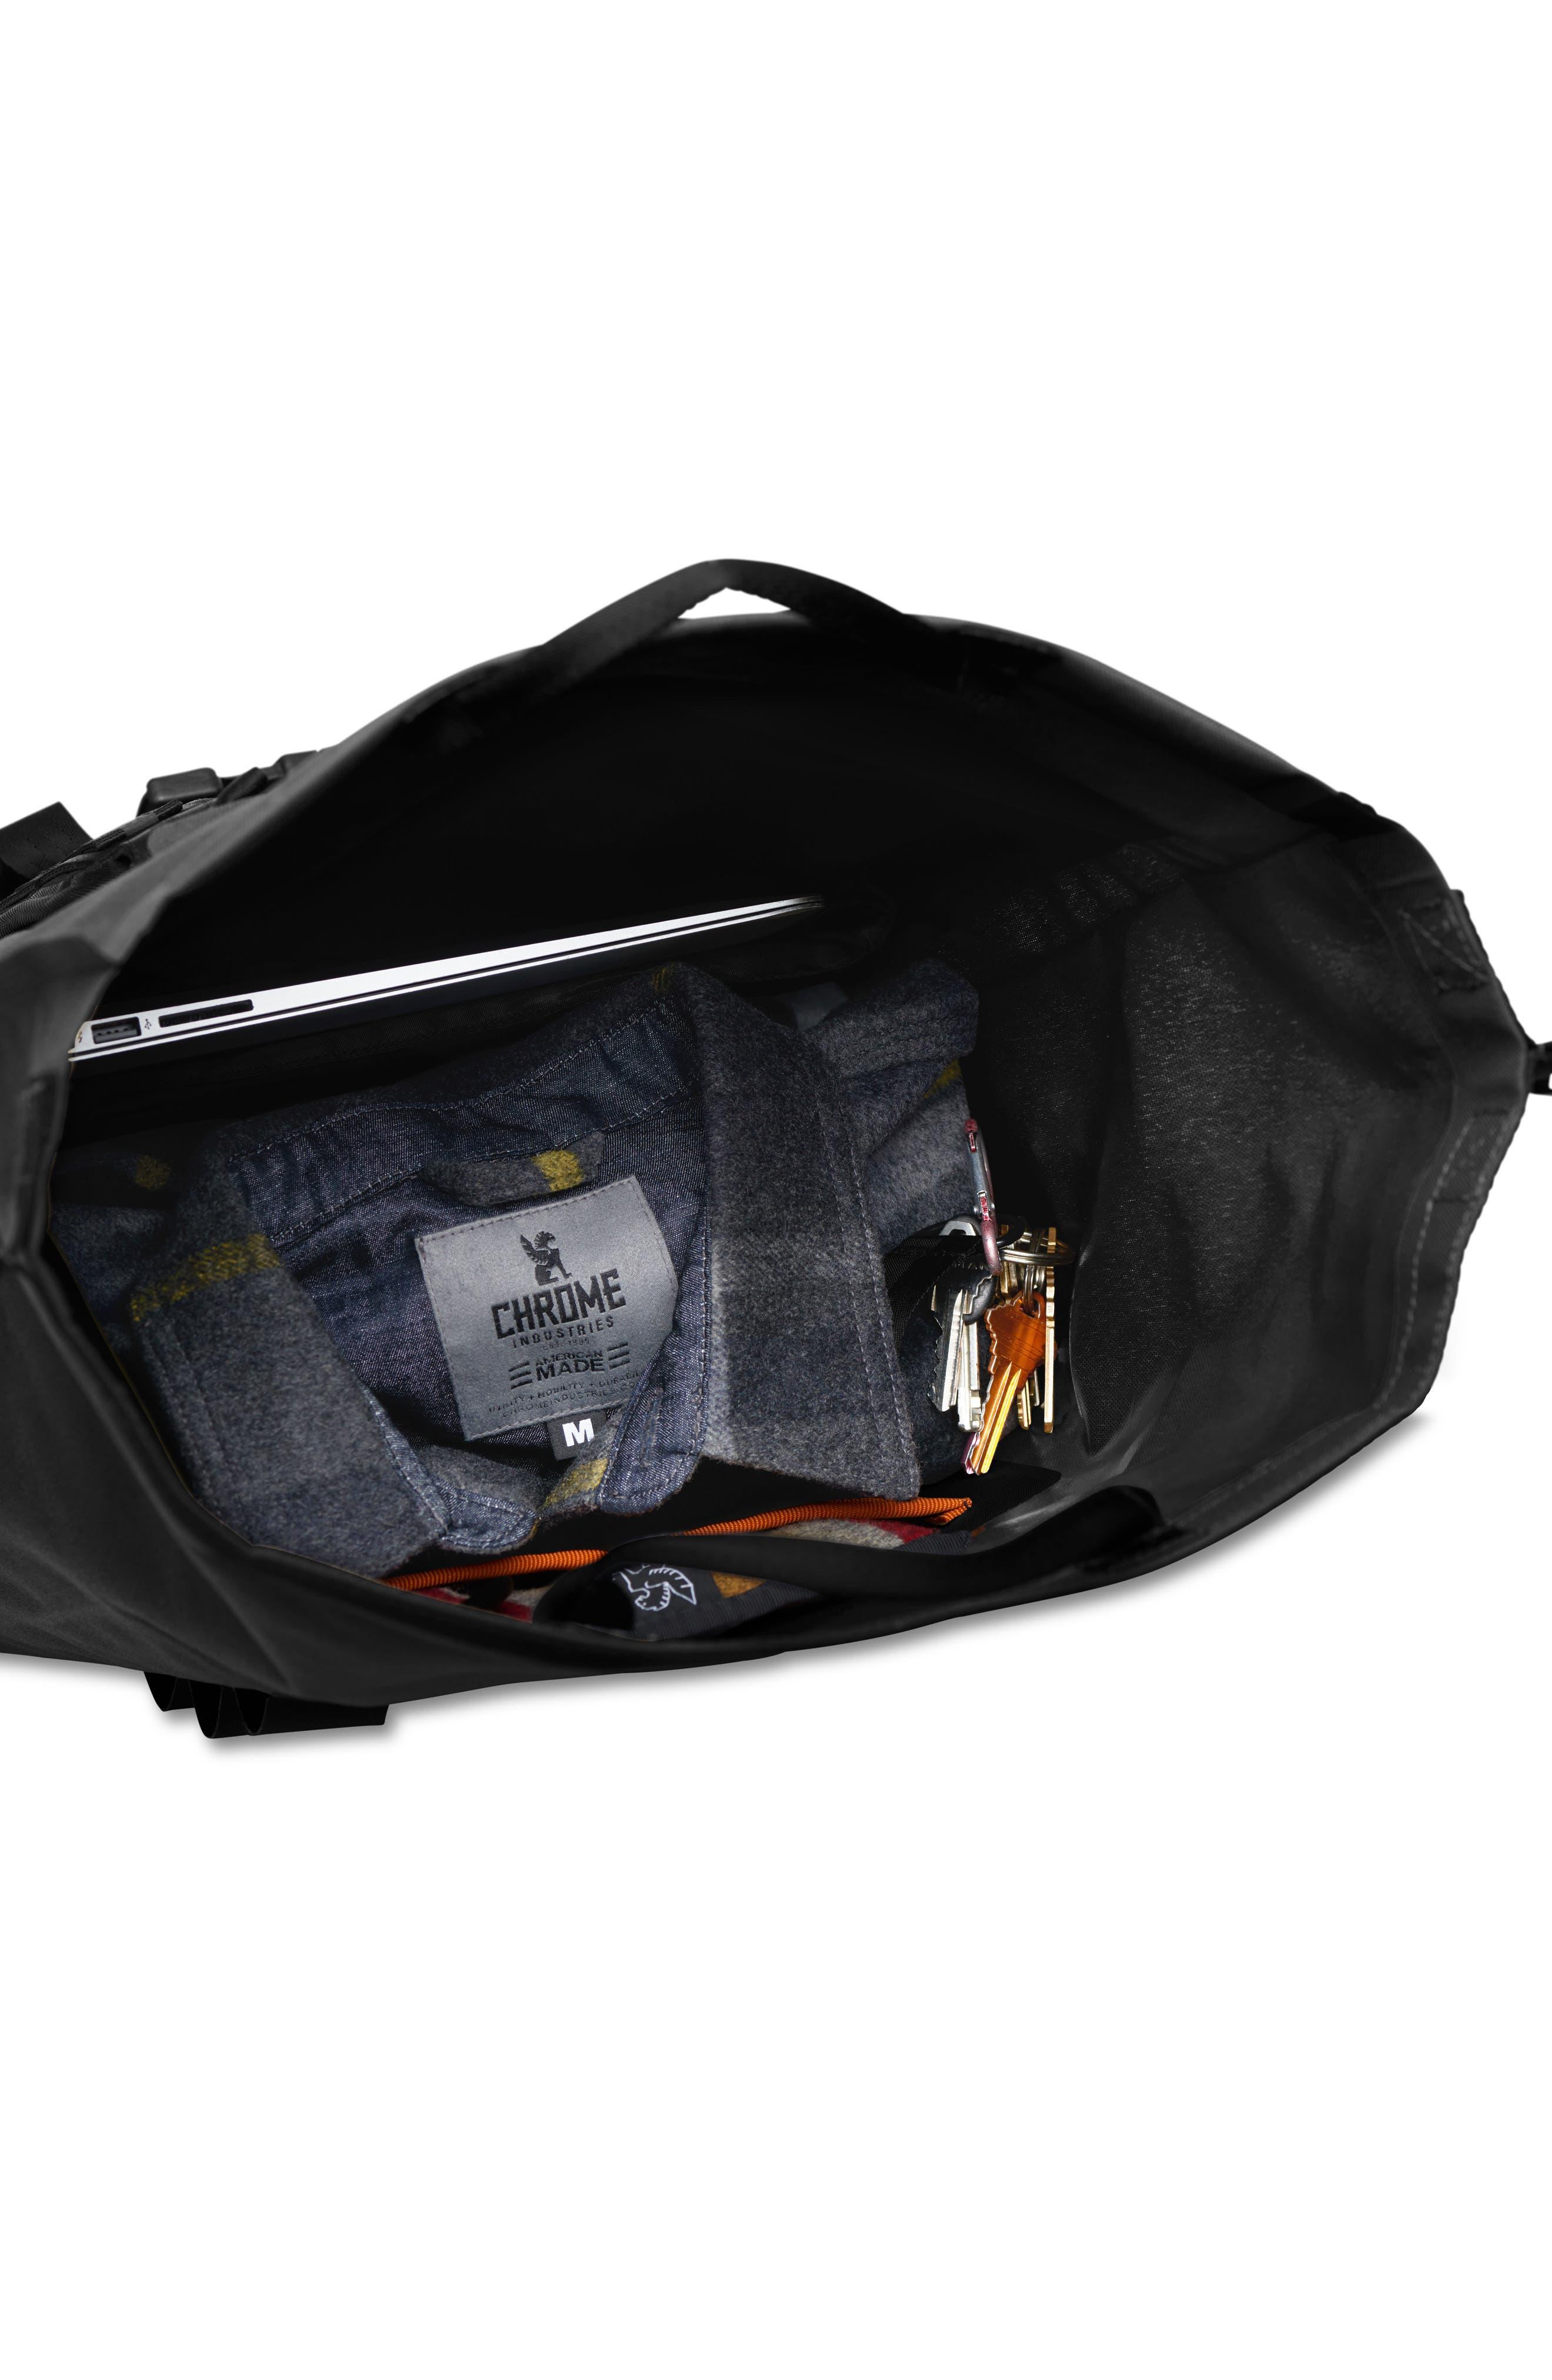 Urban Ex Rolltop Waterproof Backpack,                             Alternate thumbnail 4, color,                             BLACK/ BLACK